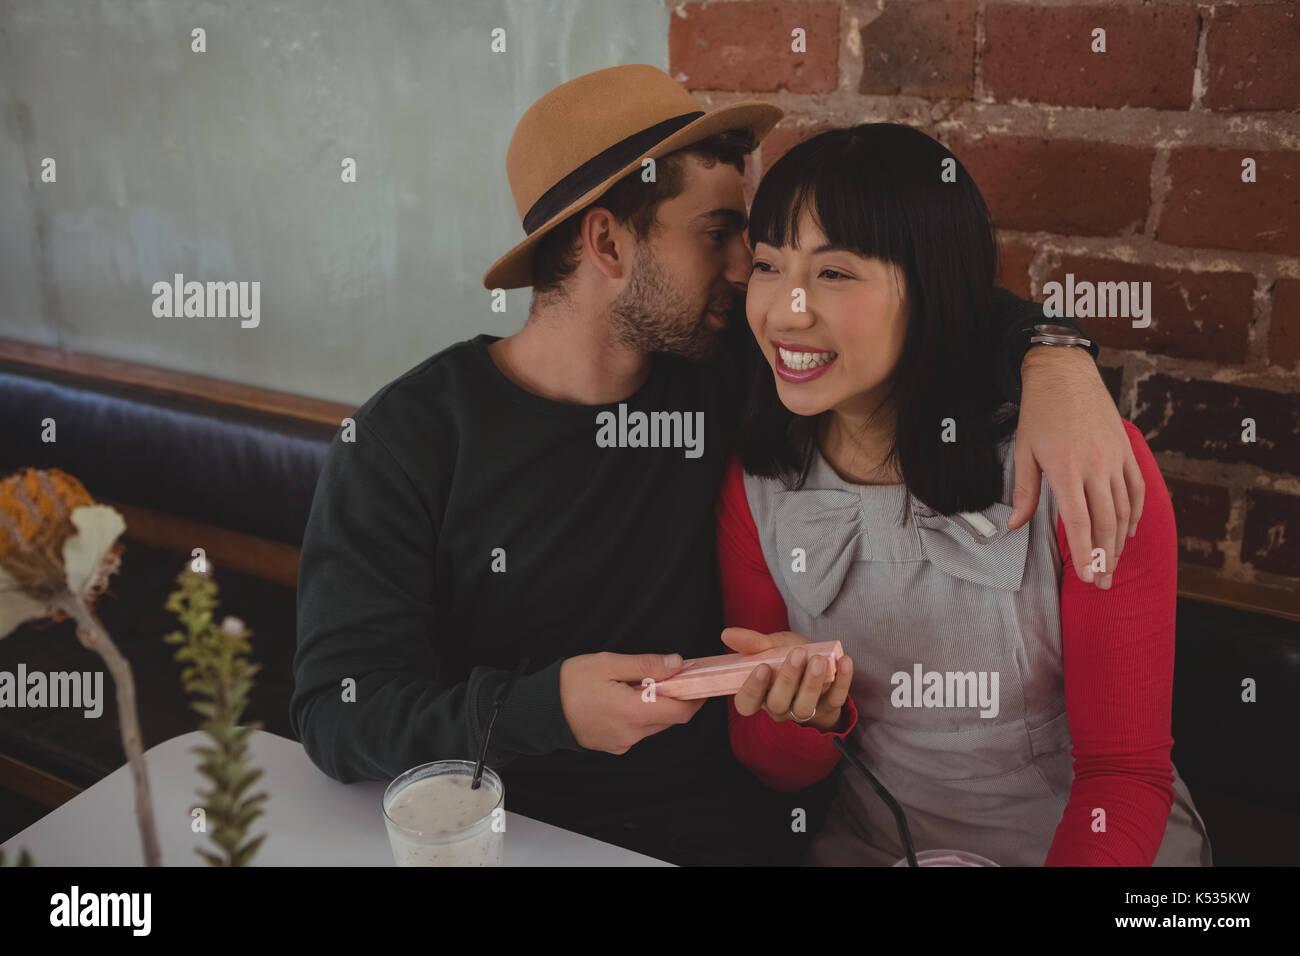 Jeune homme chuchotant à l'oreille femme assis à cafe Photo Stock